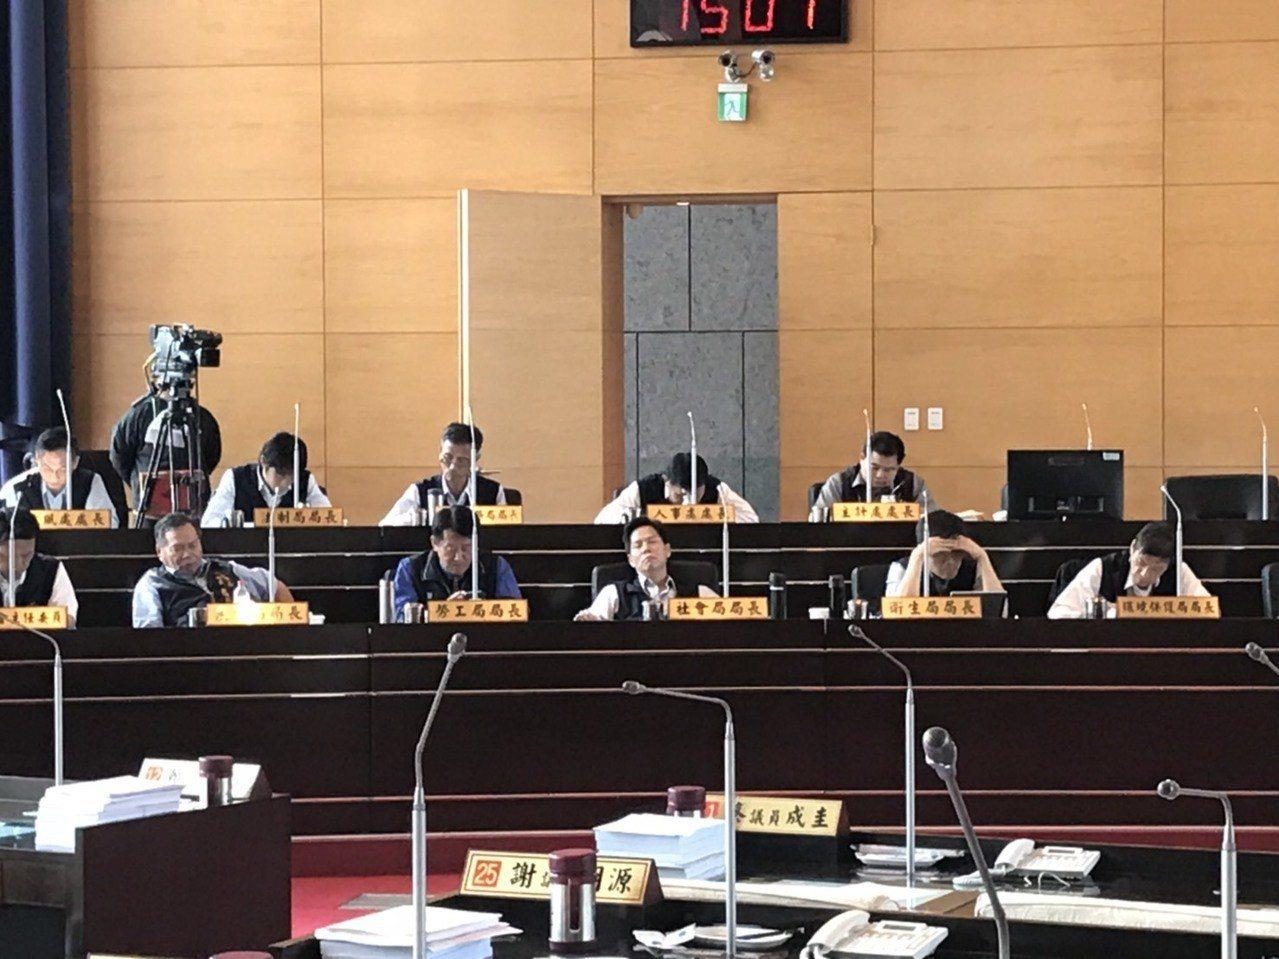 台中市議會為了花博案,藍、綠議員在議場上相互叫囂,吵得不可開交,台中市社會局長李...